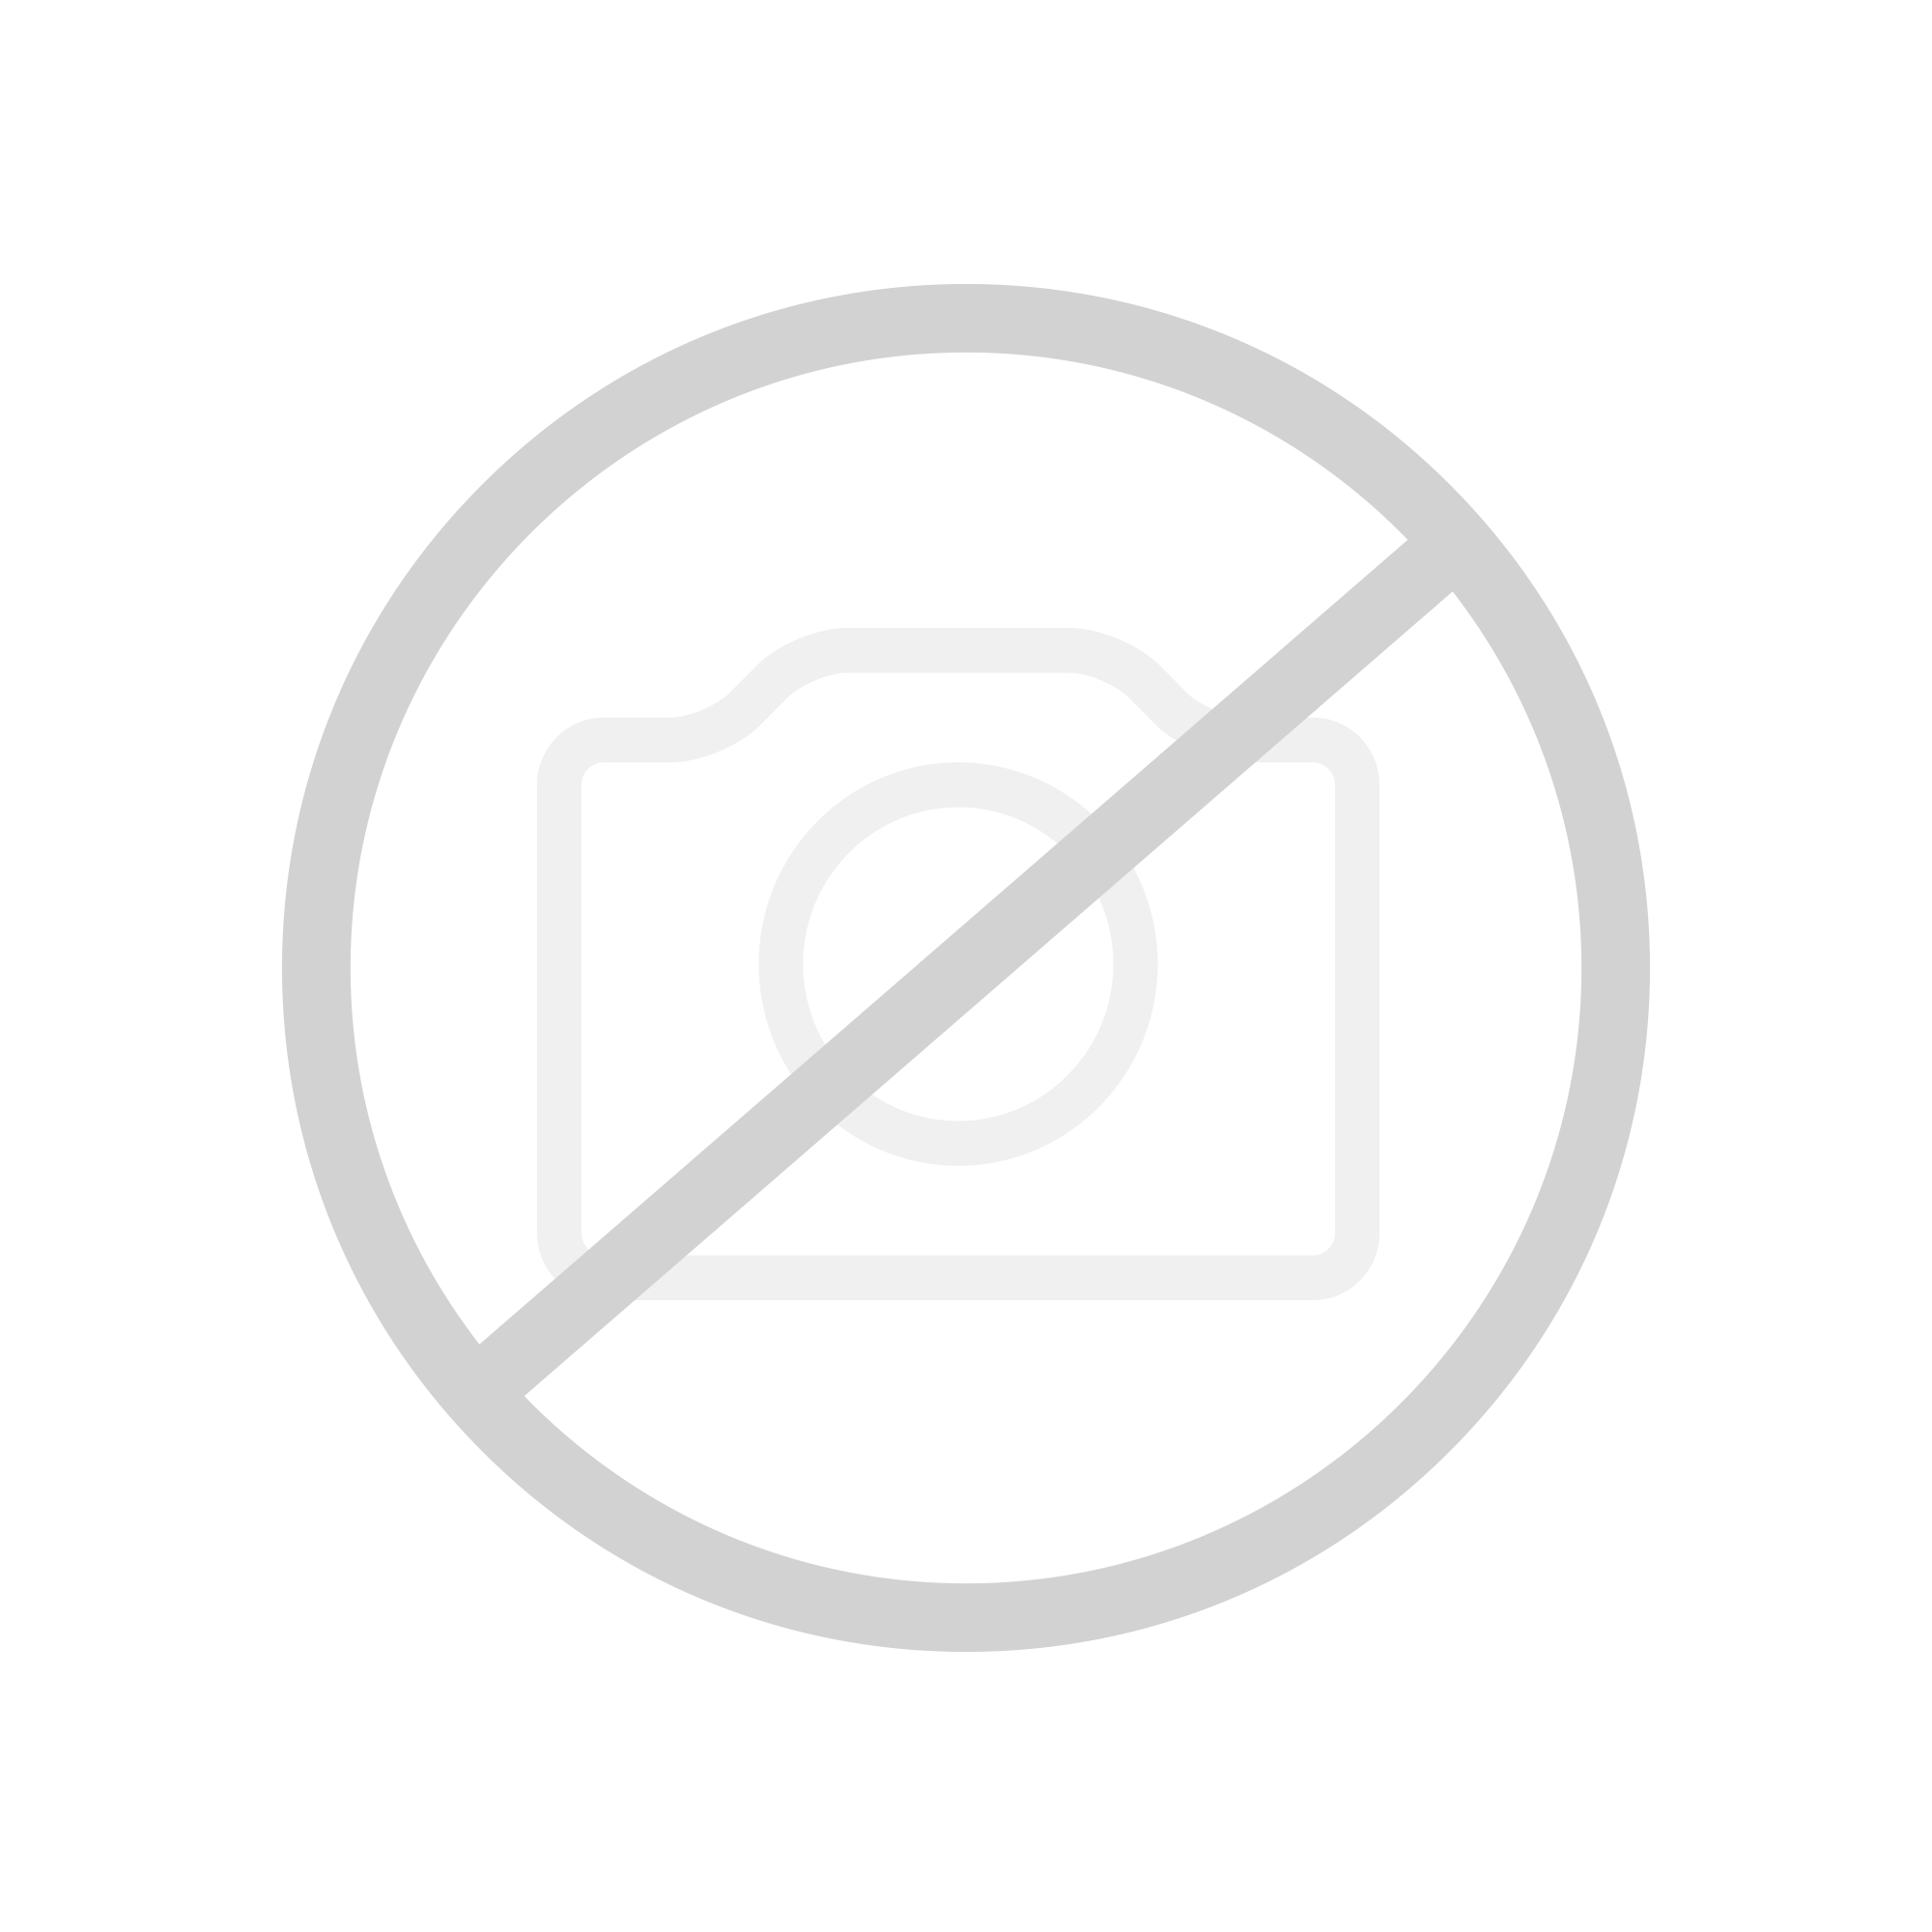 Keuco Edition 11 Handtuchhalter feststehend